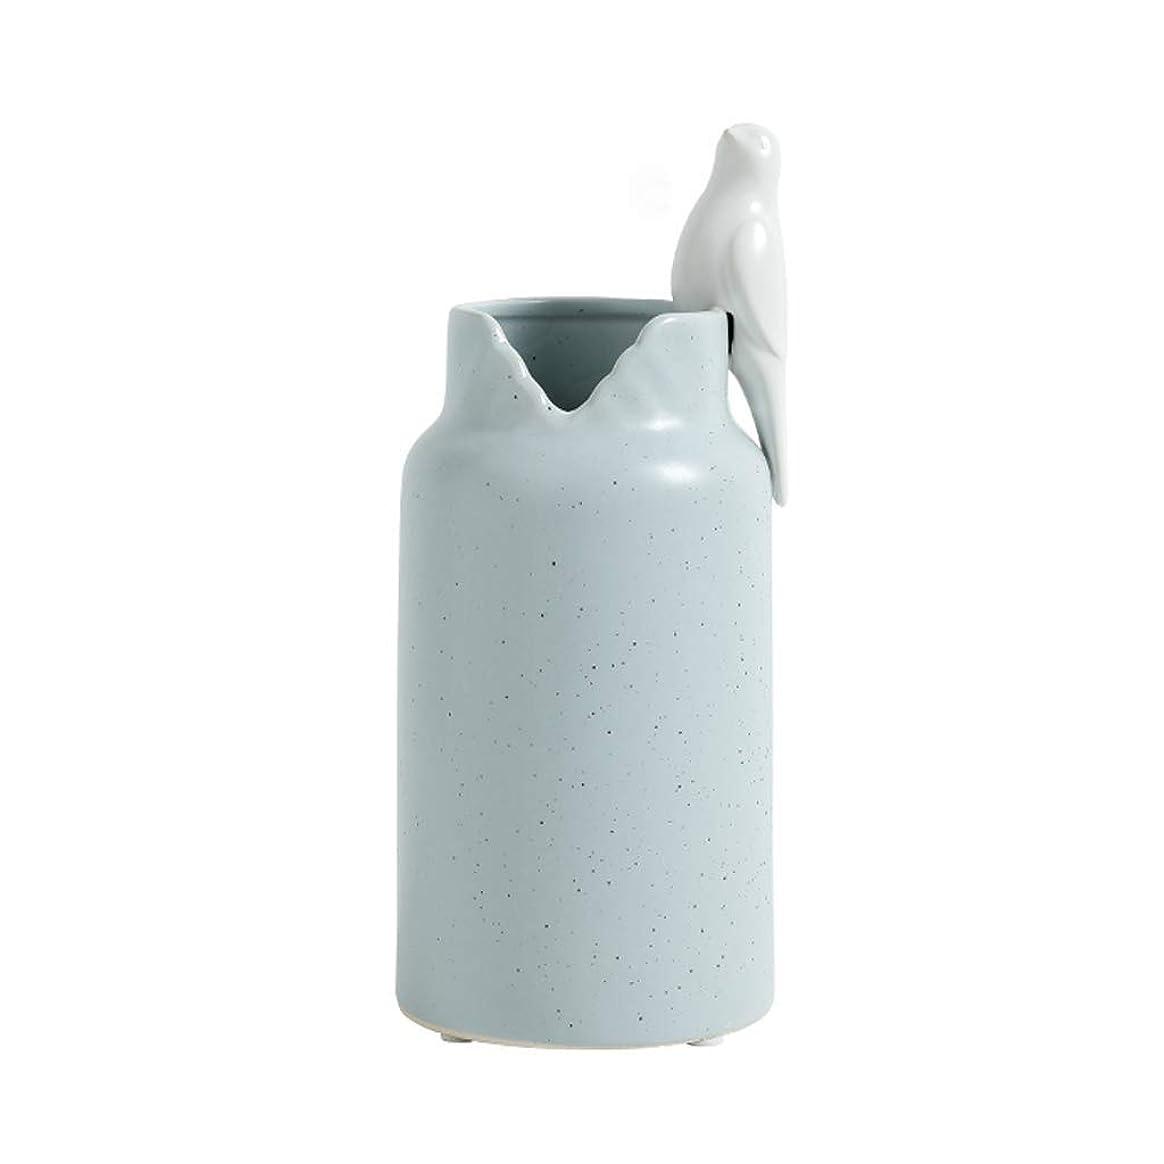 不信冗長放出花器 装飾花瓶ジュエリーデコレーションテレビキャビネットデスクワイン 磁器粘土素晴らしい手作りスキルセラミック (Color : A-10*23.5cm)